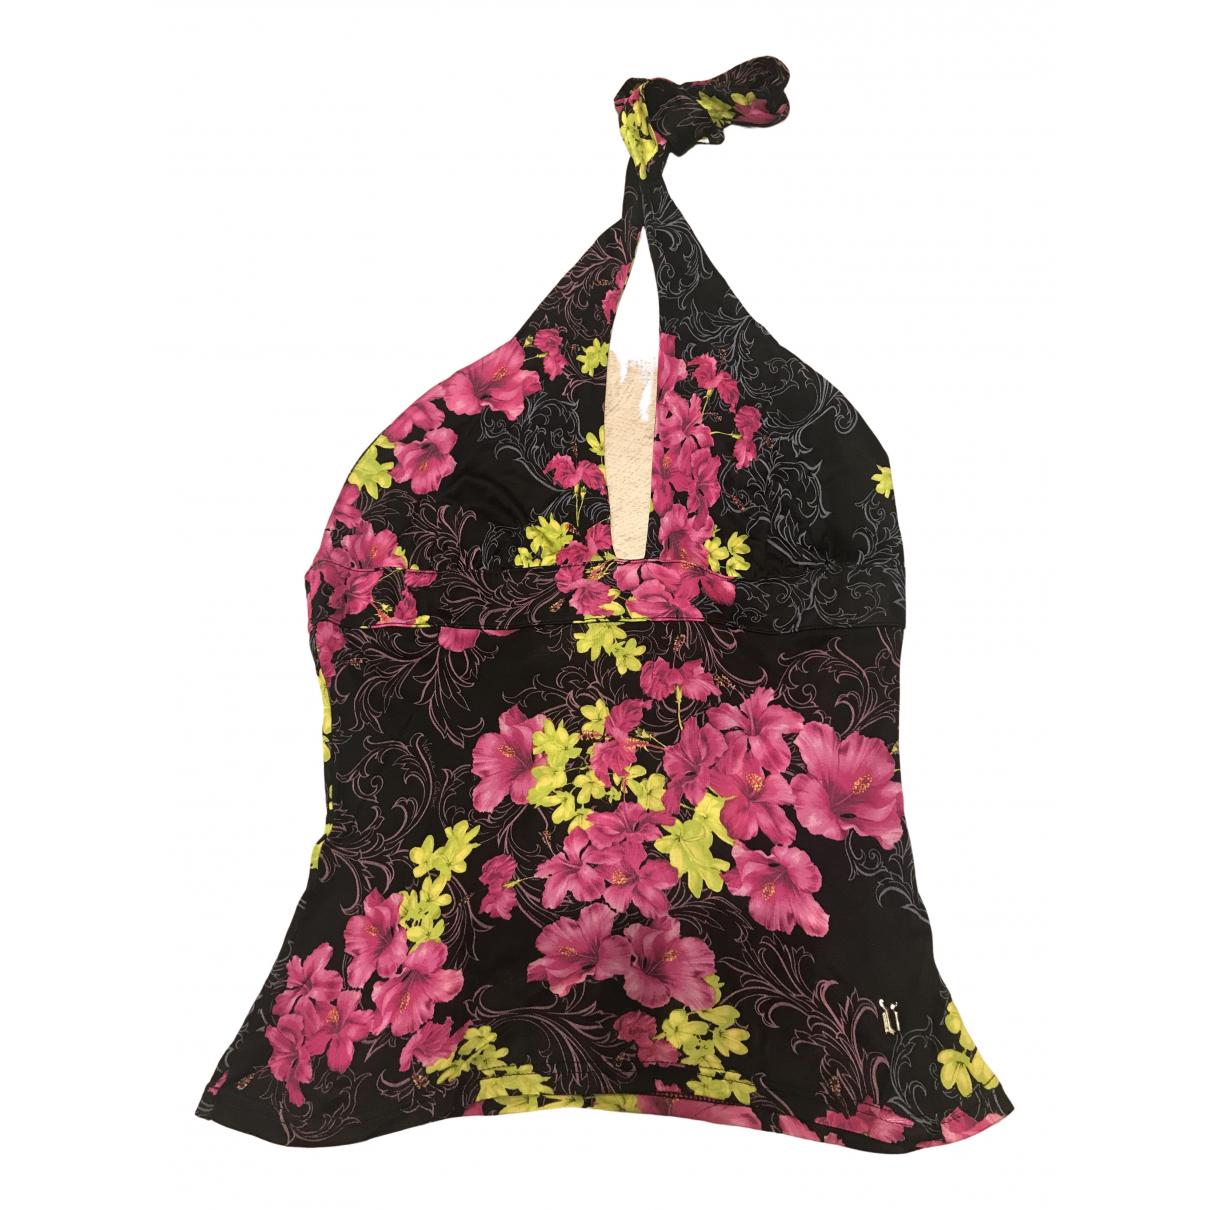 Versace - Top   pour femme - multicolore